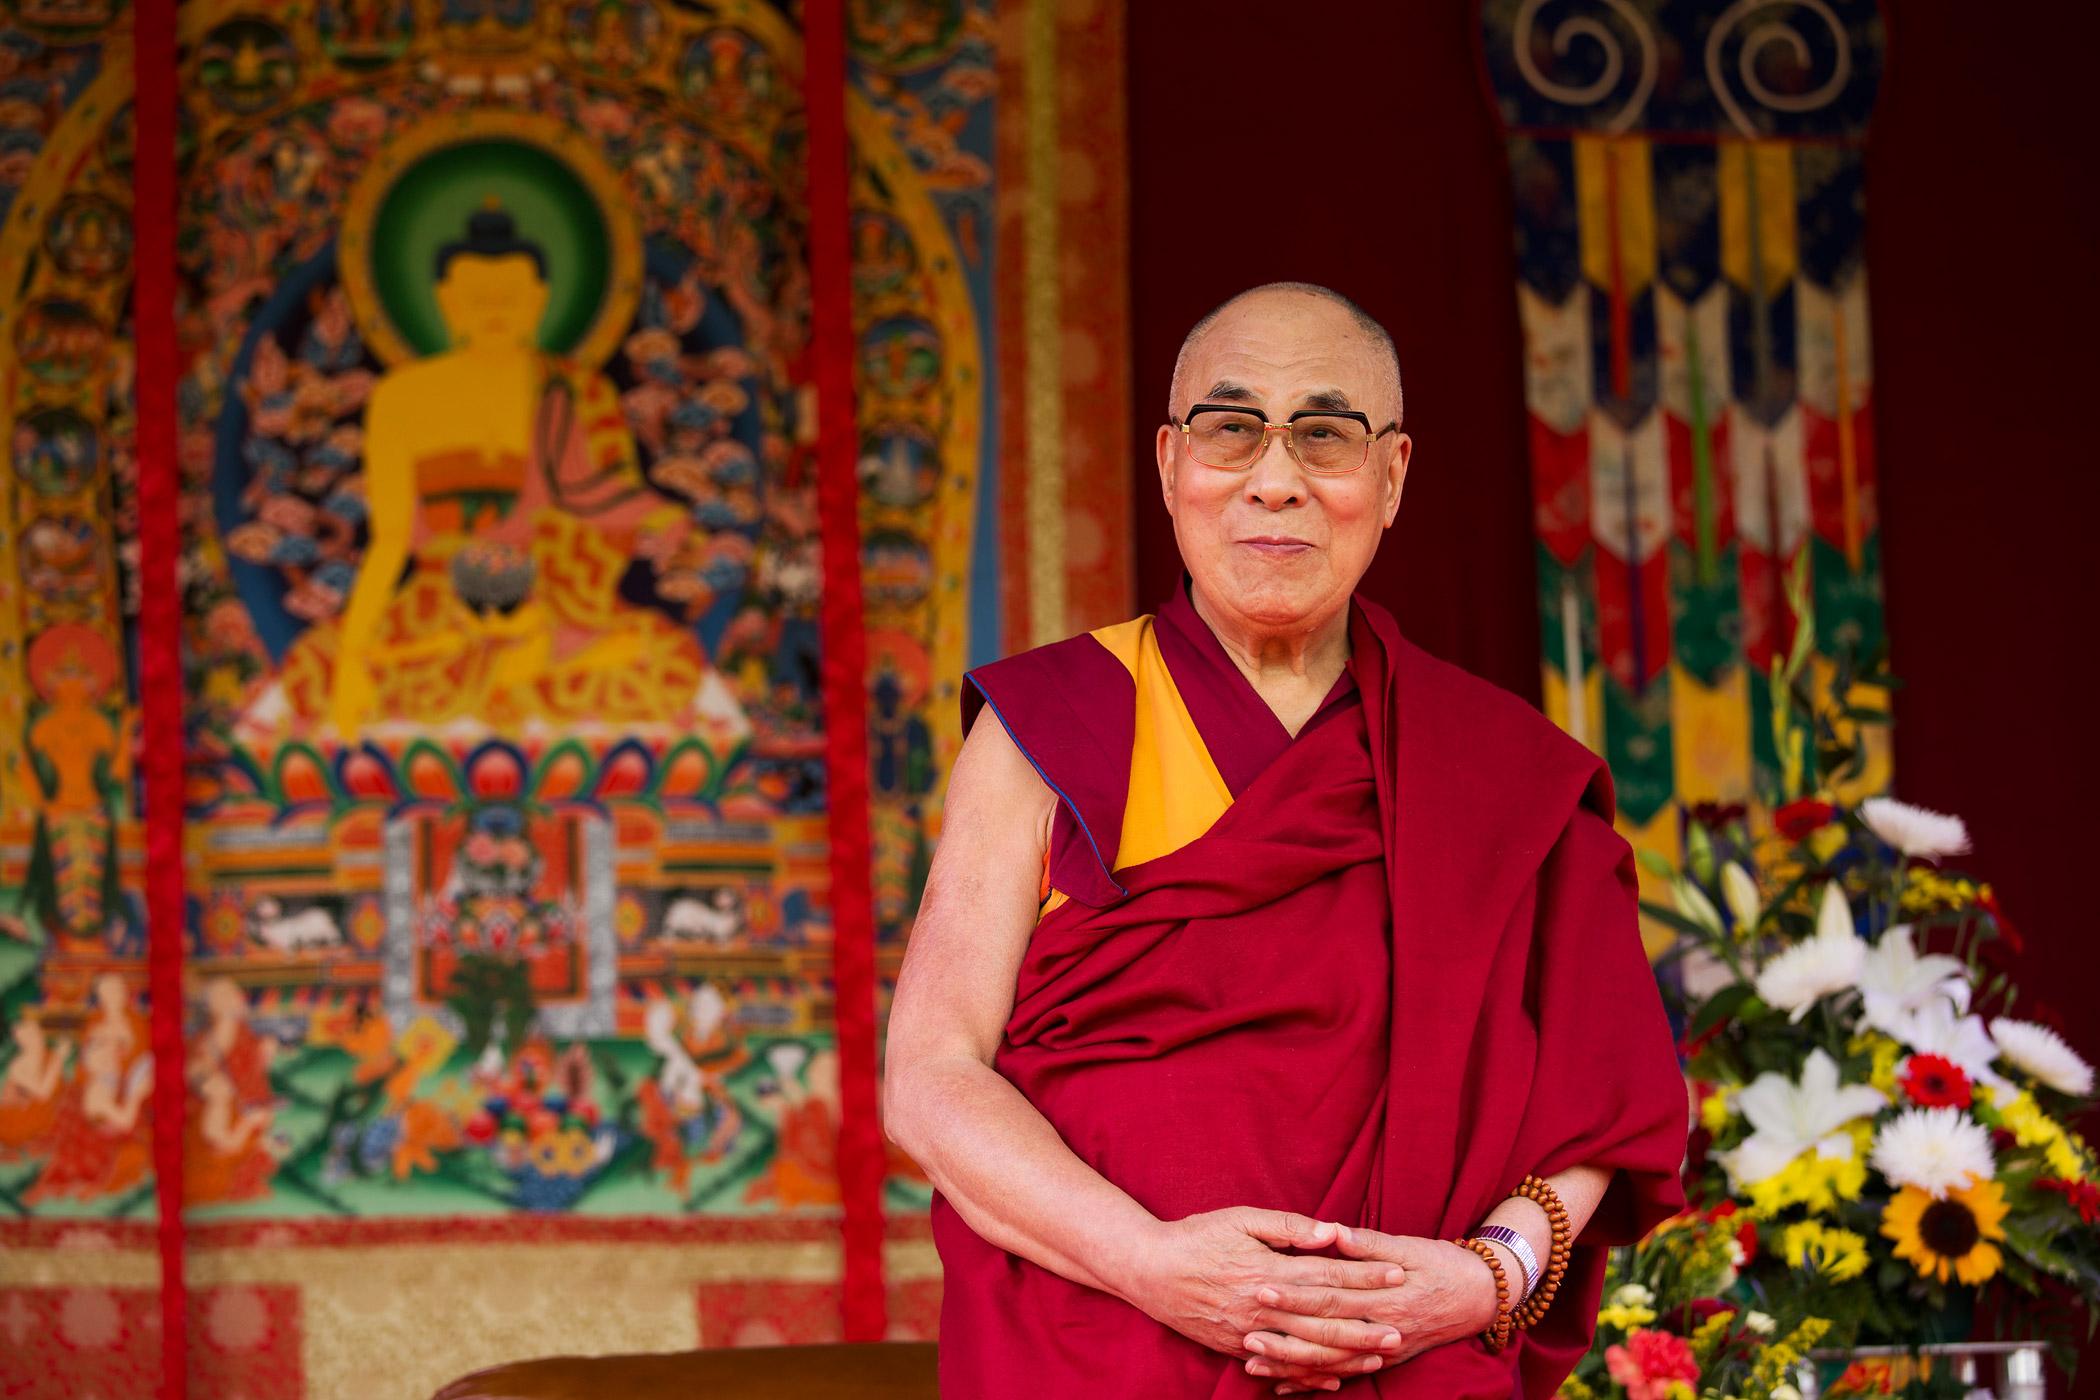 Aceste 8 sfaturi minunate, de la Dalai Lama, o să te facă să mergi înainte, orice s-ar întâmpla